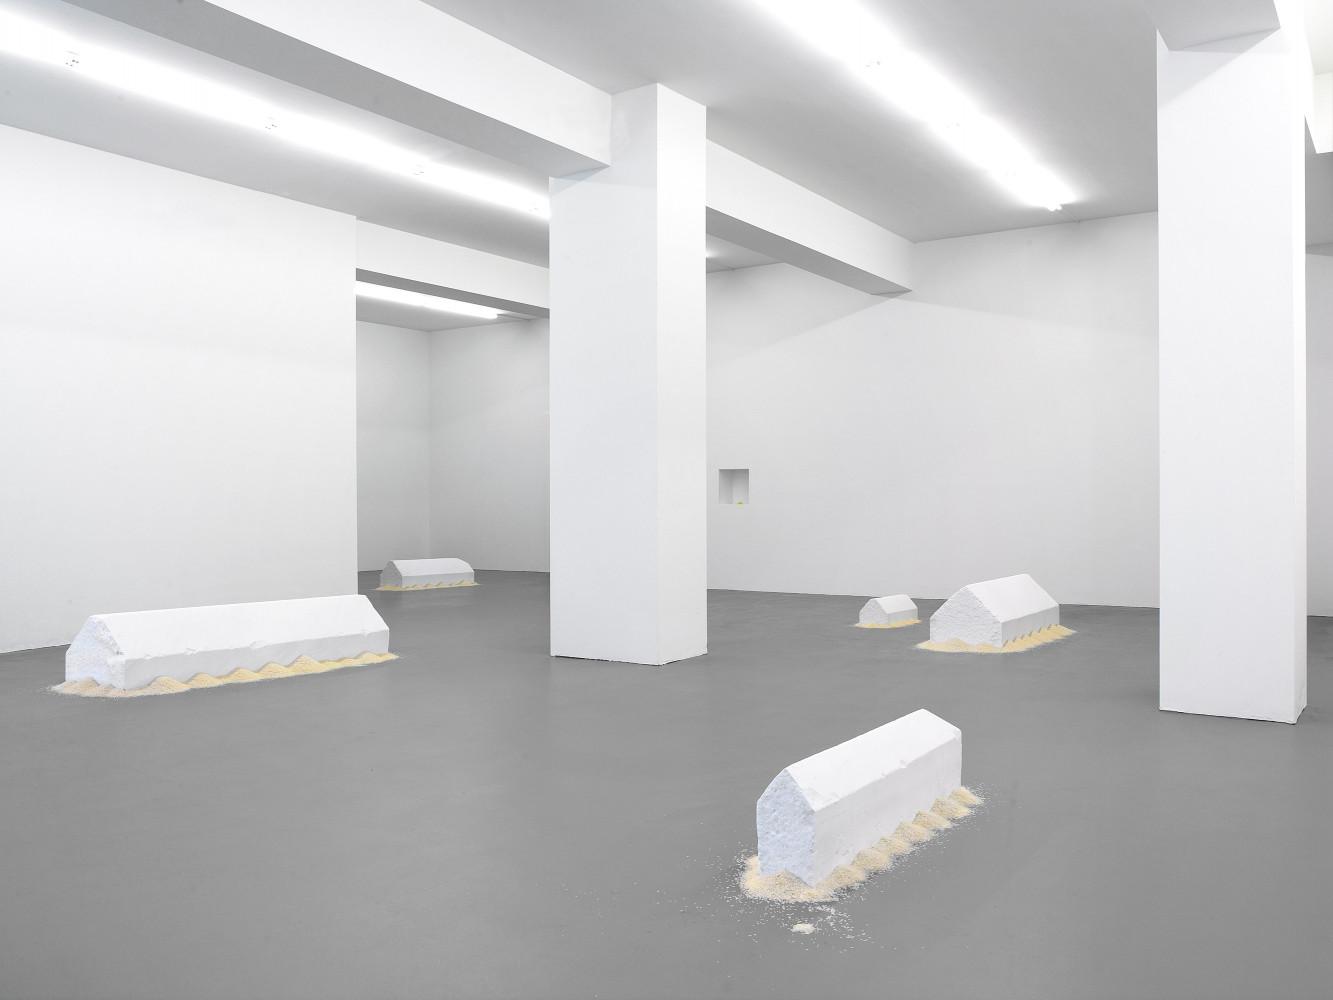 Wolfgang Laib, 'Reishäuser', Installation view, Buchmann Galerie